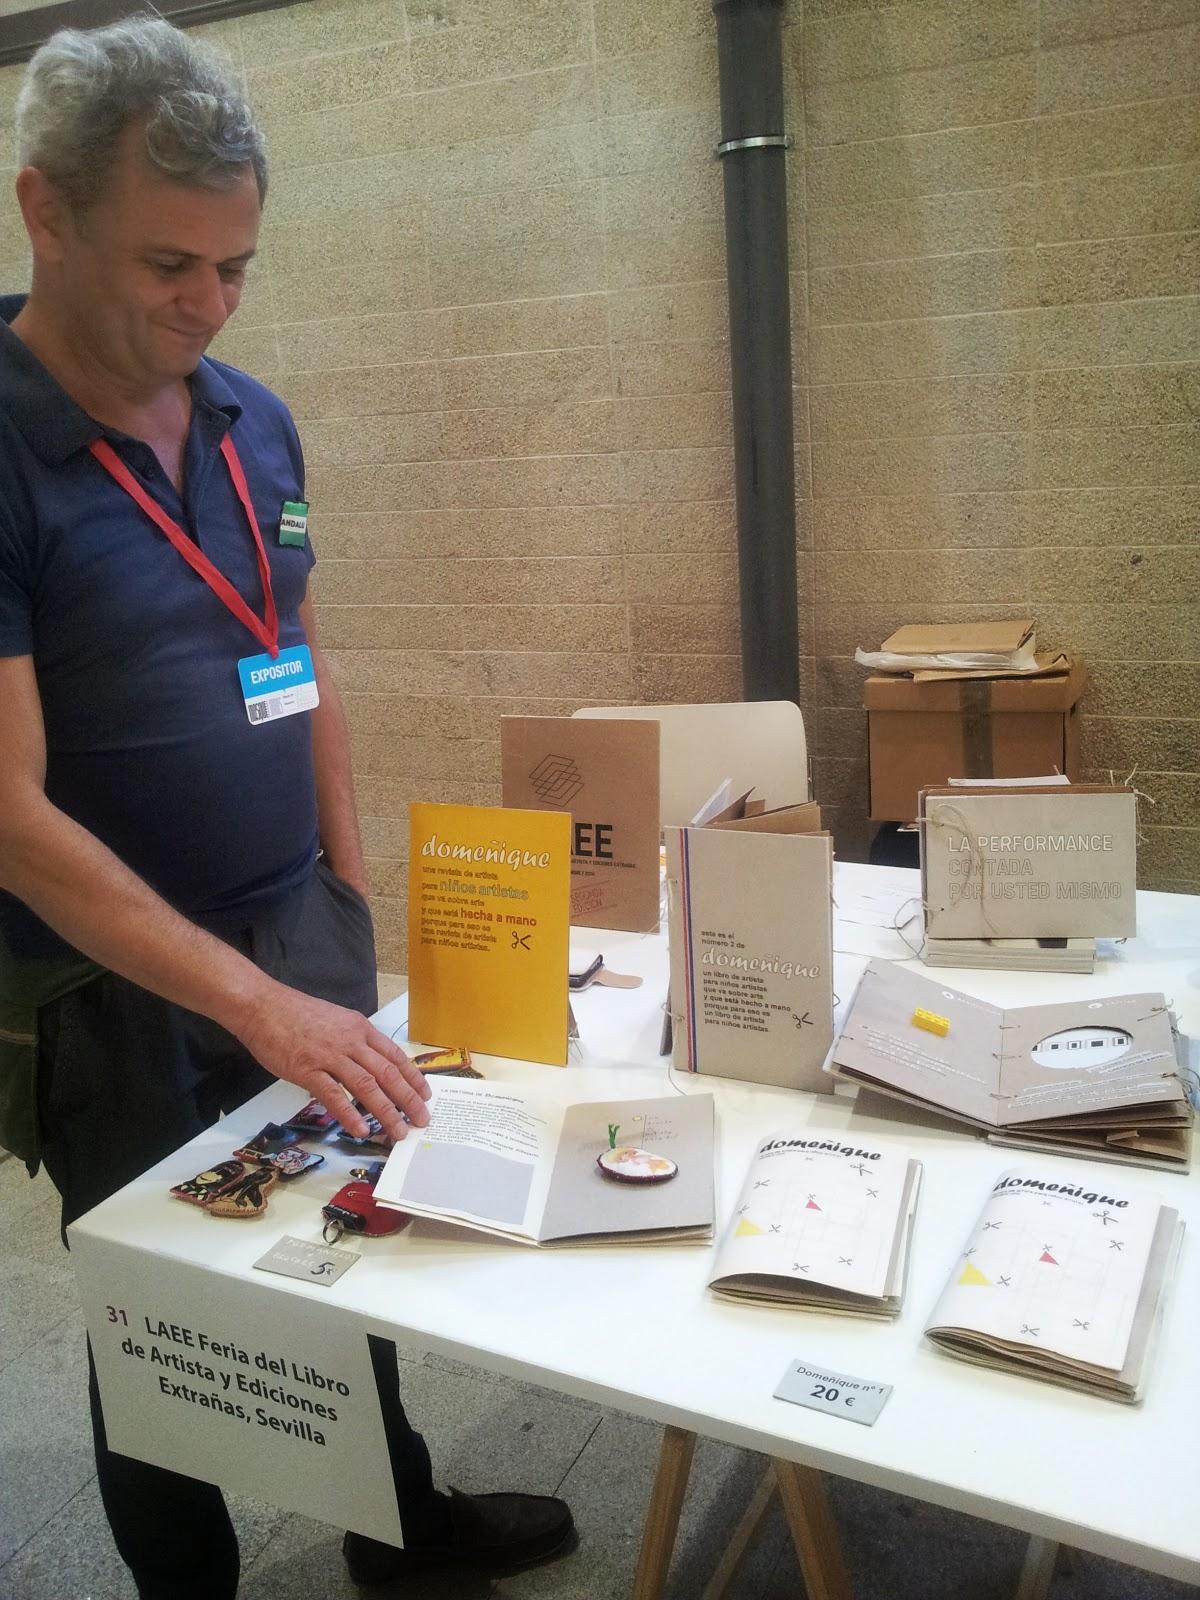 LAEE Feria del Libro de Artista y Ediciones Extrañas